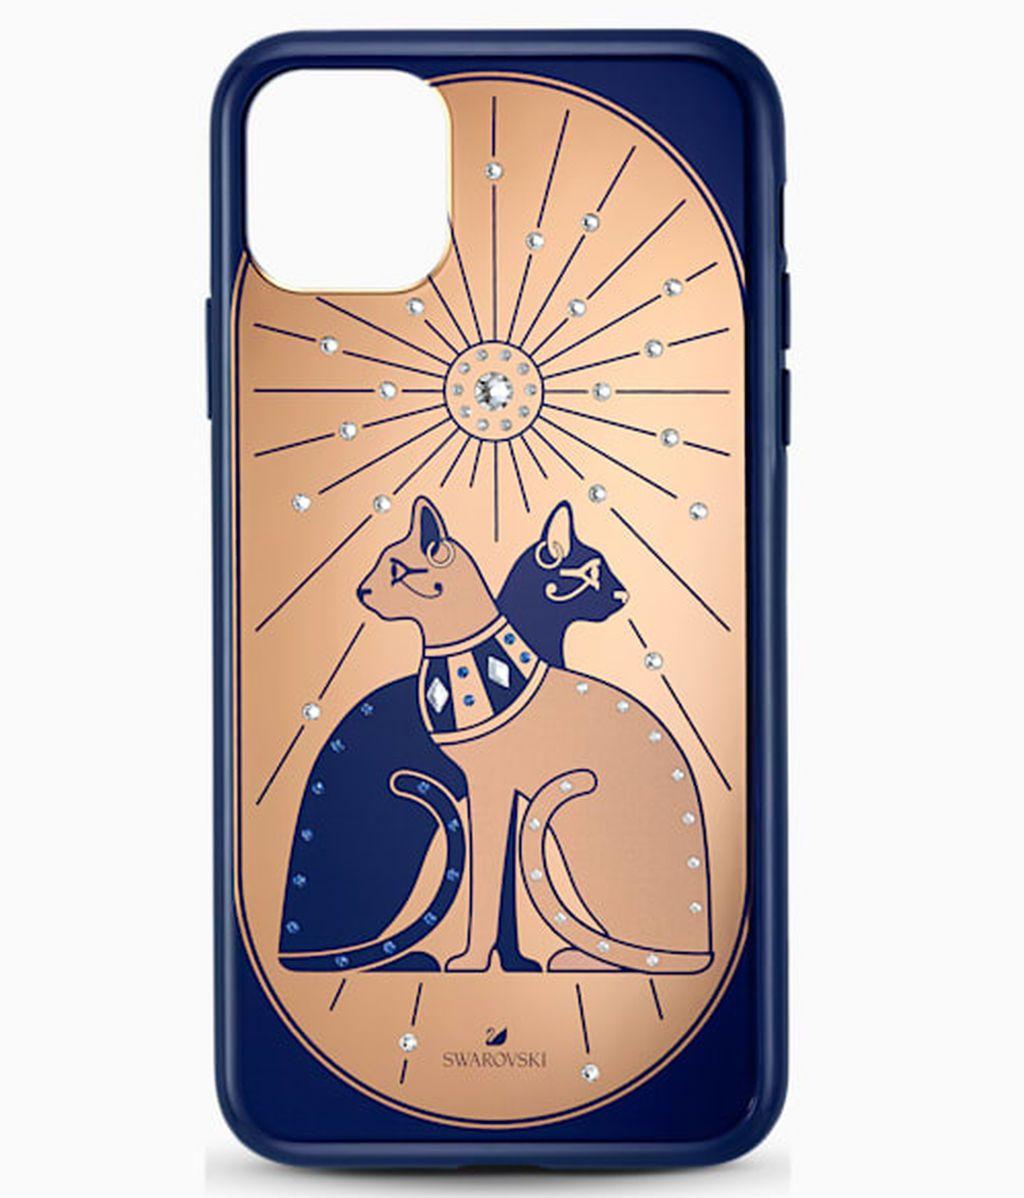 funda-para-smartphone-con-protección-rígida-theatrical-cat--iphone®-11-pro-max-swarovski-5566446